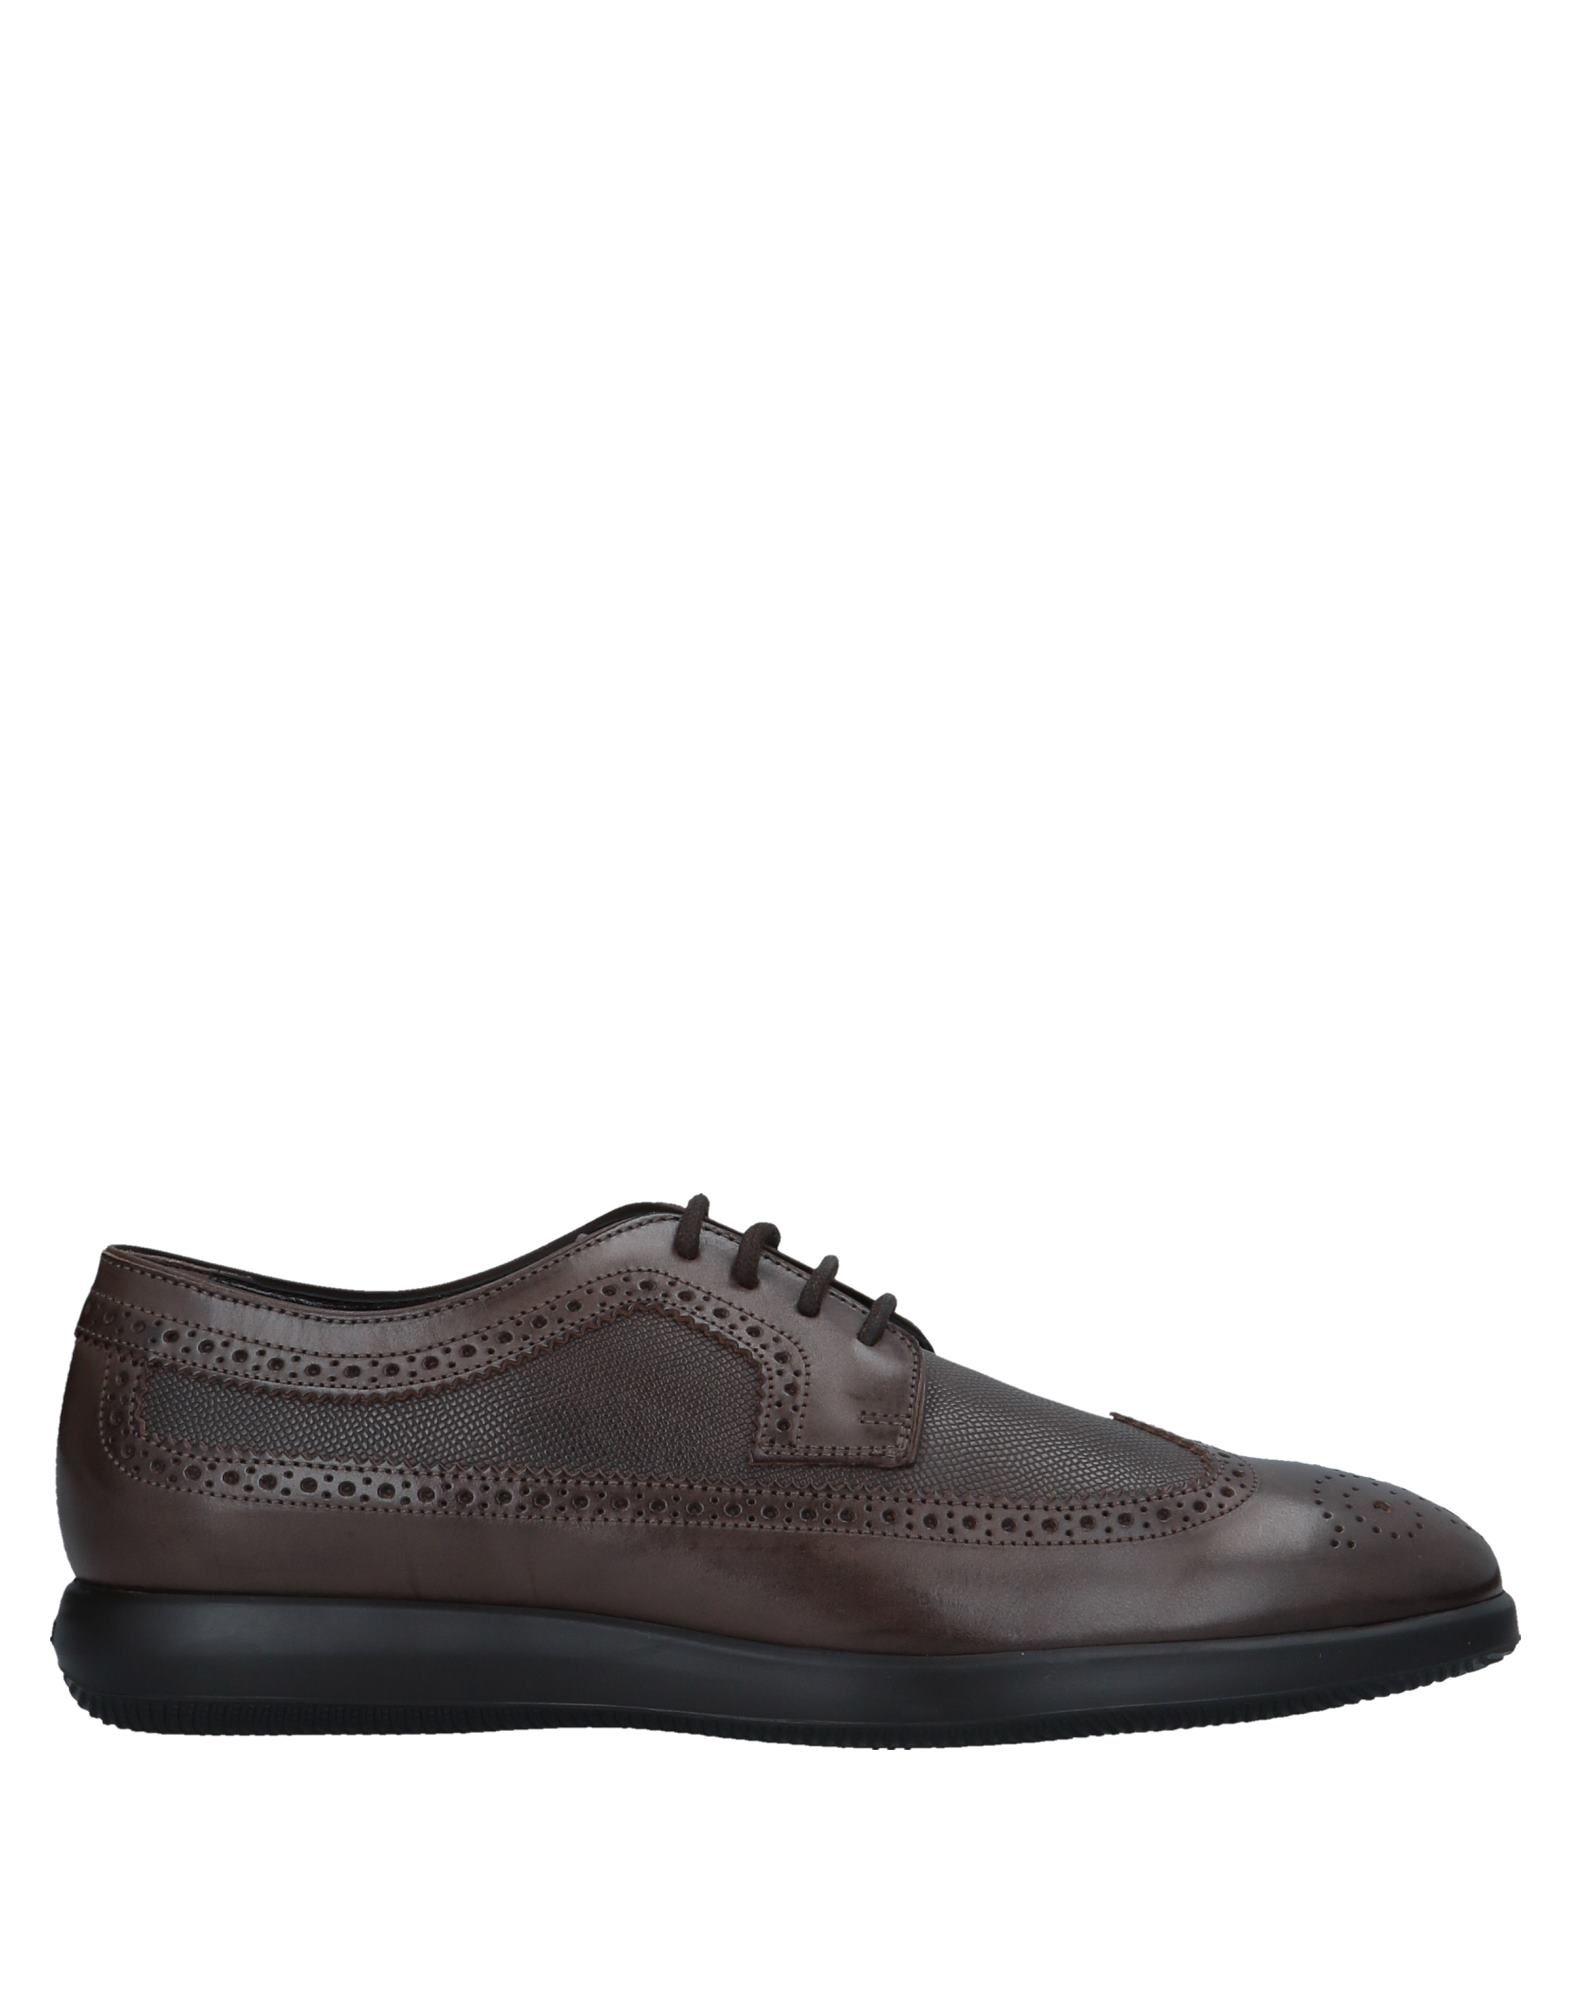 Hogan Schnürschuhe Herren  11540565OW Gute Qualität beliebte Schuhe